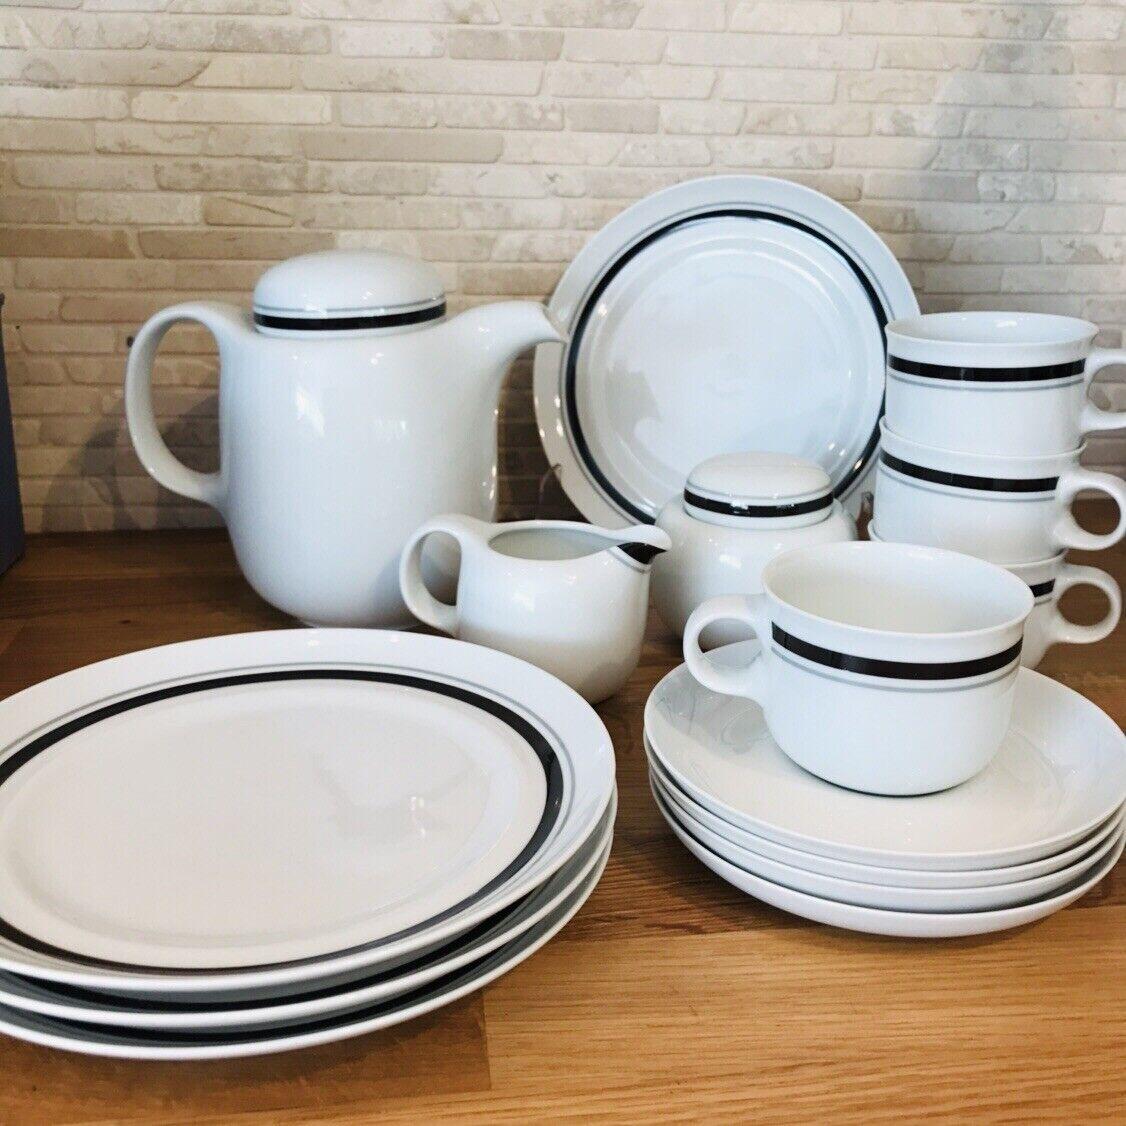 Hutschenreuther Tavola service à café 4 personnes Blanc Noir Monza 15 Pièces Article Neuf